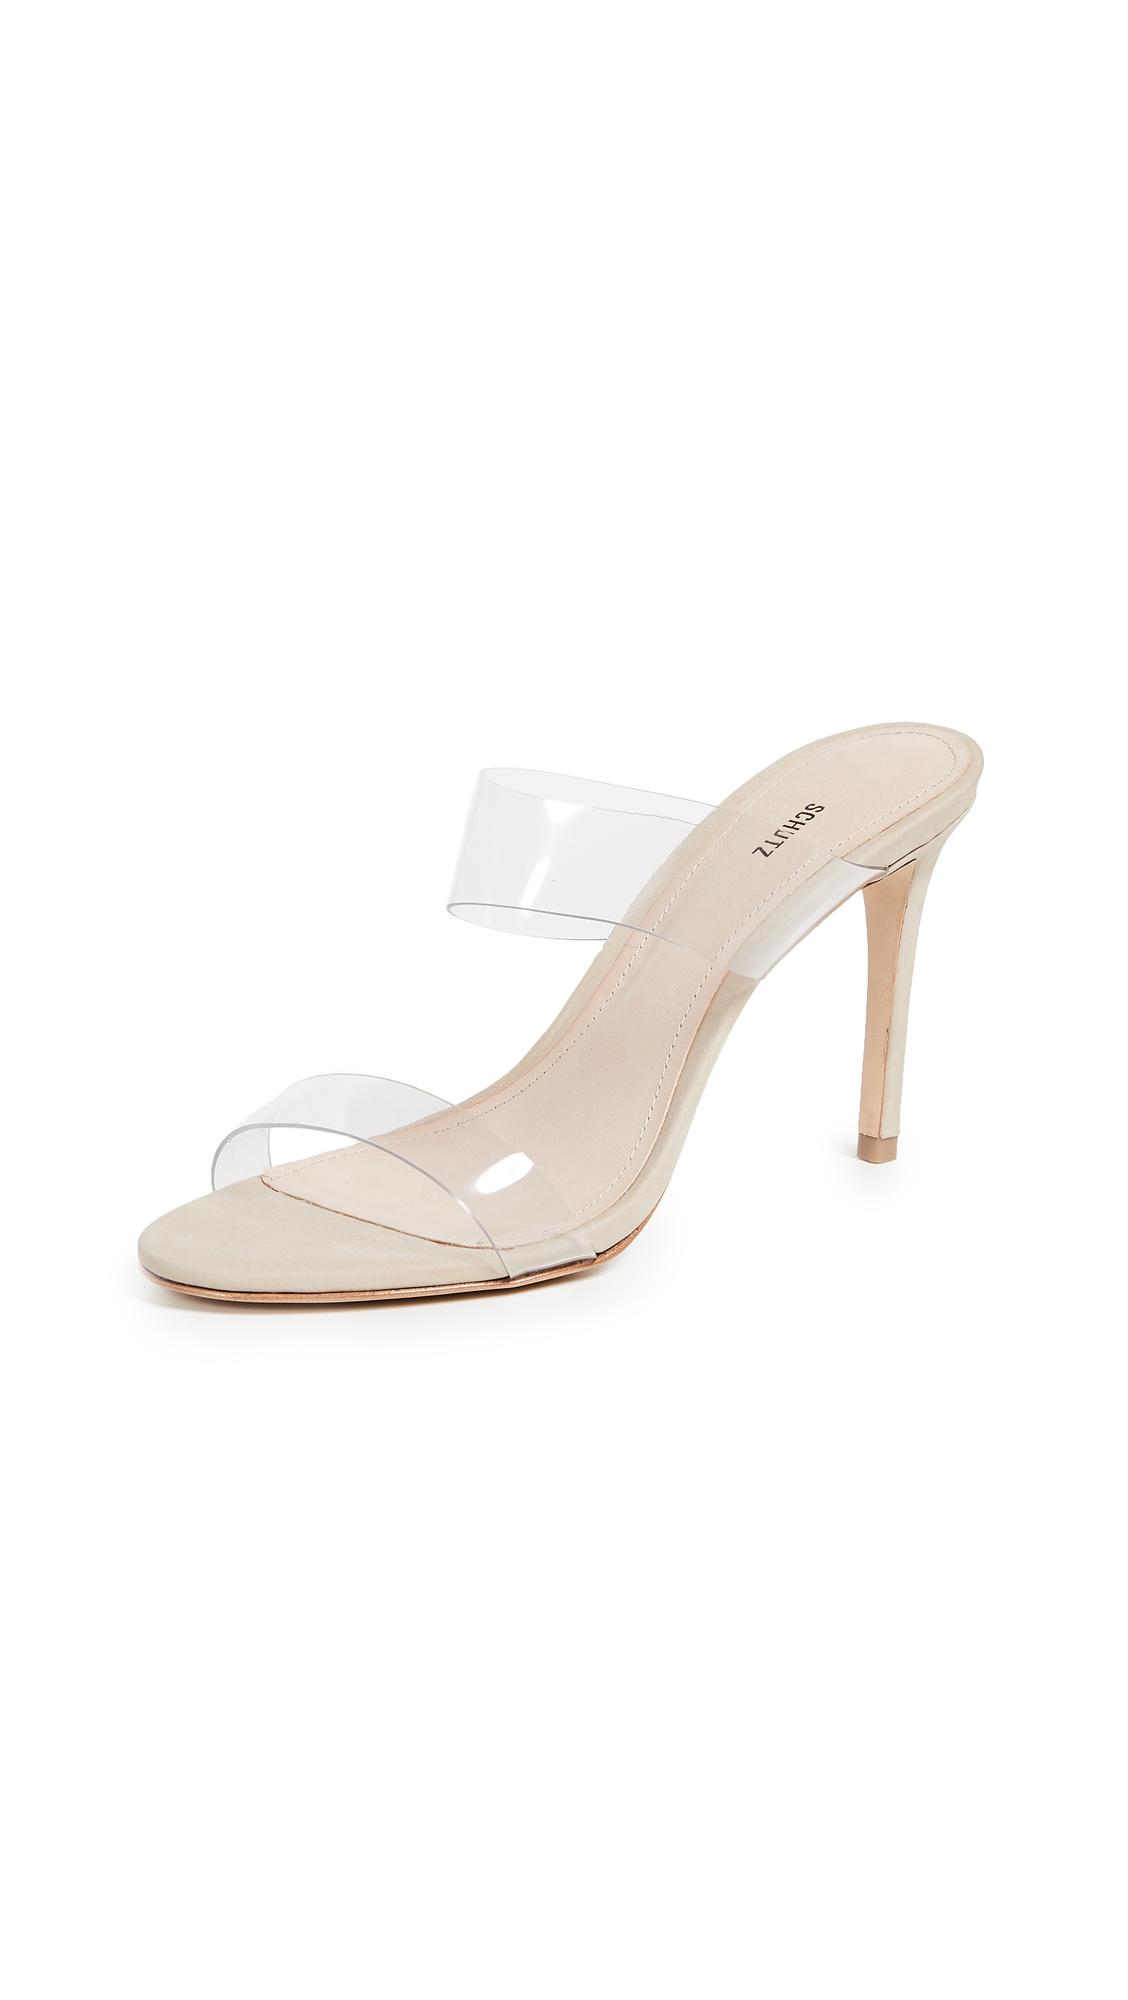 Schutz Ariella Strappy Sandals - Transparent